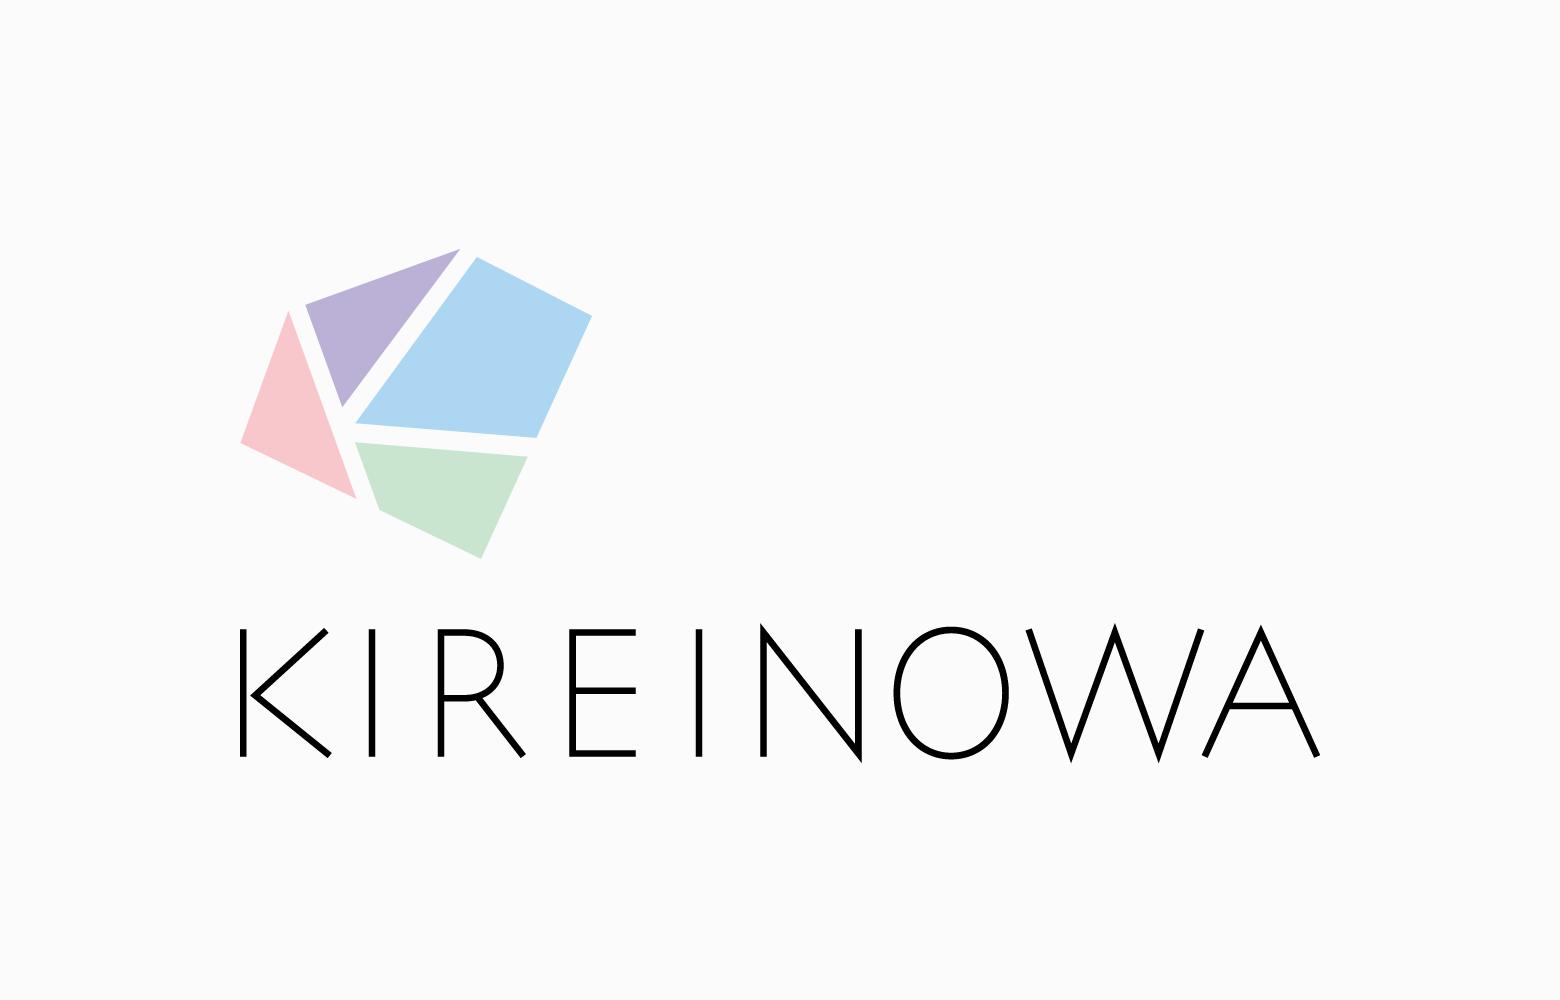 KIREINOWA